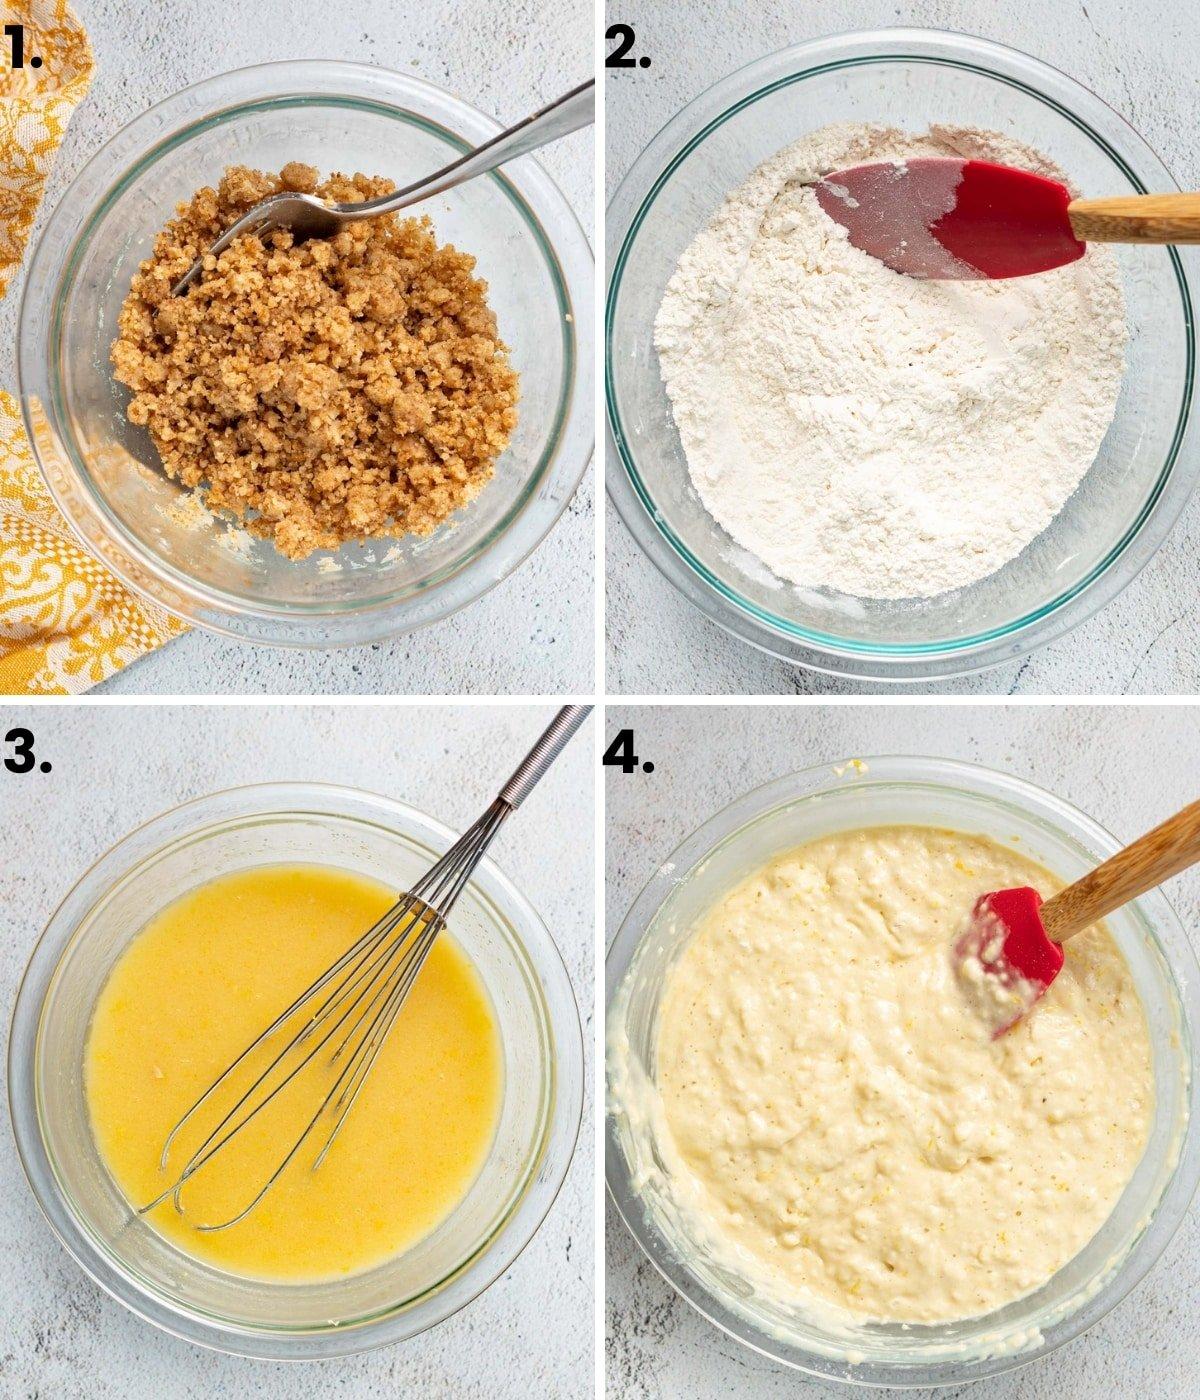 photos showing how to make vegan lemon muffins